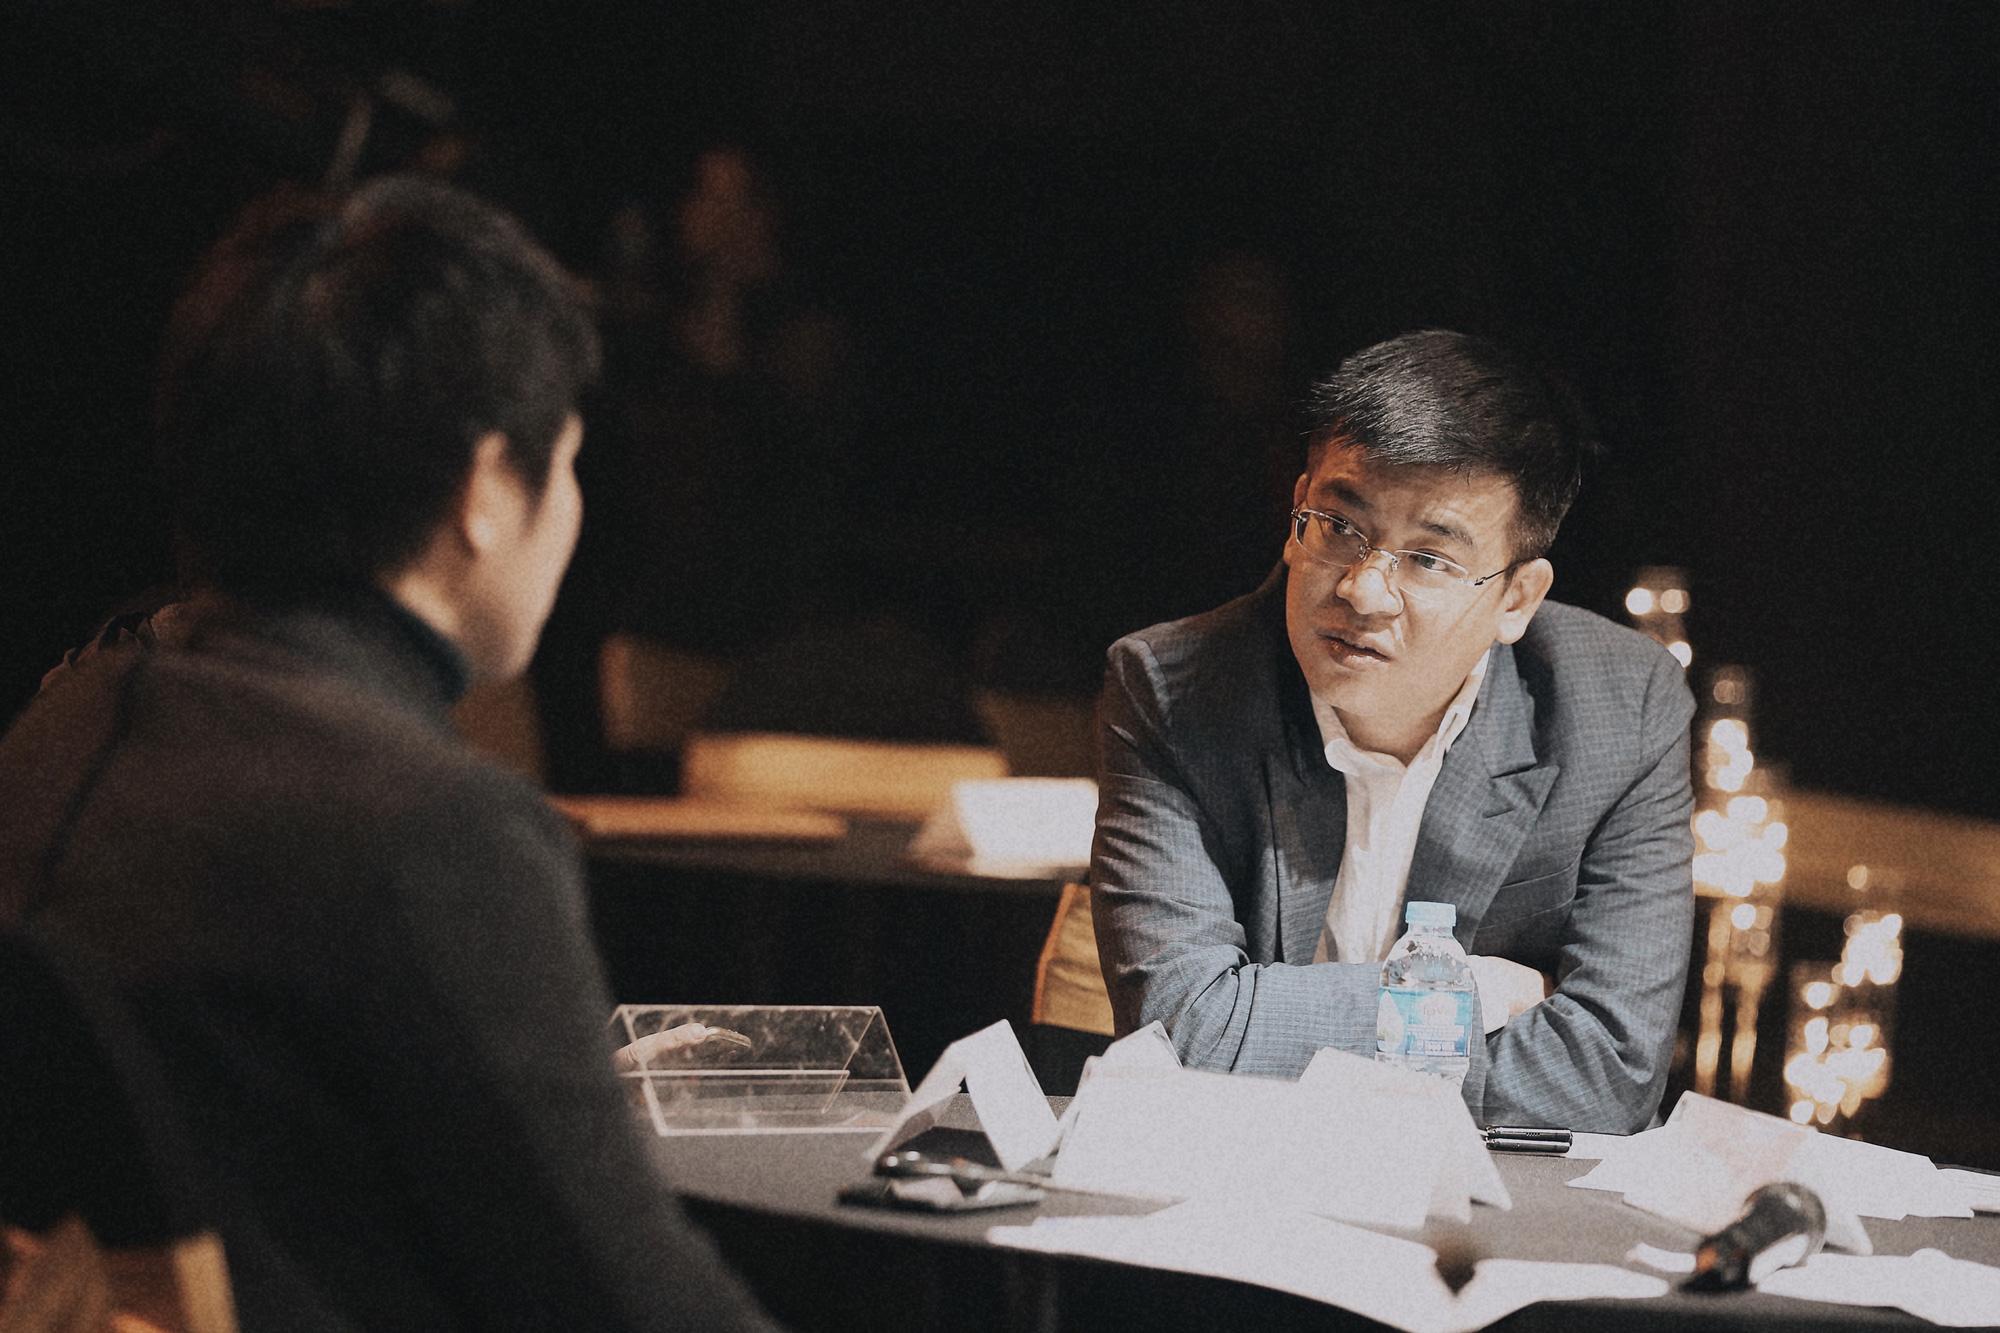 Tuần phim Việt trên VTVGo - Cơ hội tiếp cận những bom tấn của điện ảnh Việt trên nền tảng số - Ảnh 6.